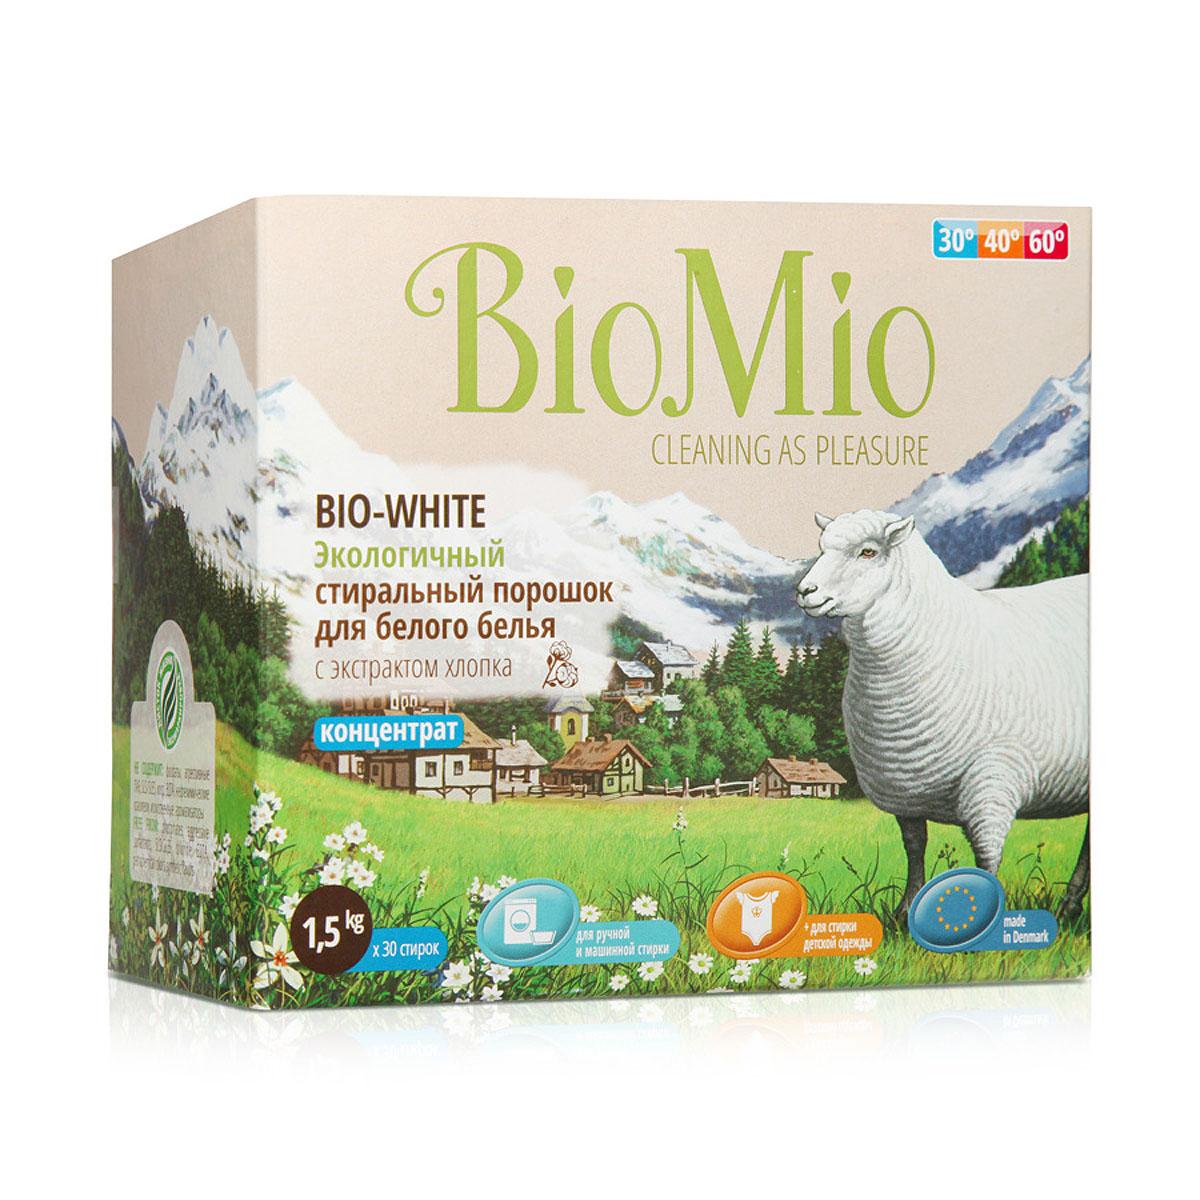 """Экологичный стиральный порошок """"BioMio"""" эффективно удаляет пятна и загрязнения, не повреждая волокна ткани. Подходит для ручной и машинной стирки. Концентрированная формула обеспечивает экономичный расход. Идеально подходит для стирки детского белья и одежды людей с чувствительной кожей. Полностью выполаскивается, исключает попадание на кожу моющих средств, способных вызывать раздражение чувствительной кожи. Средство без запаха не содержит эфирных масел, что делает его абсолютно безопасным для детской одежды. Не содержит вредных светоотражающих частиц, которые создают иллюзию чистоты и белизны. Безопасен для планеты. Не содержит: фосфаты, агрессивные ПАВ, SLS/SLES, хлор, EDTA, нефтехимические красители, искусственные ароматизаторы  """"BioMio"""" - линейка эффективных средств для дома, использование которых приносит   только удовольствие. Уборка помогает не только очистить и гармонизировать свое   пространство, но и себя, свои мысли, поэтому важно ее делать с радостью.   Средства, созданные с любовью и заботой, помогут в этом и идеально справятся с   загрязнениями, оставаясь при этом абсолютно безопасными и экологичными.   Средства """"BioMio"""" незаменимы, если в доме есть ребенок.   Характеристики:Состав: 15-30% кислородный отбеливатель; 5-15% цеолиты, неионогенные ПАВ; Вес: 1,5 кг. Товар сертифицирован."""